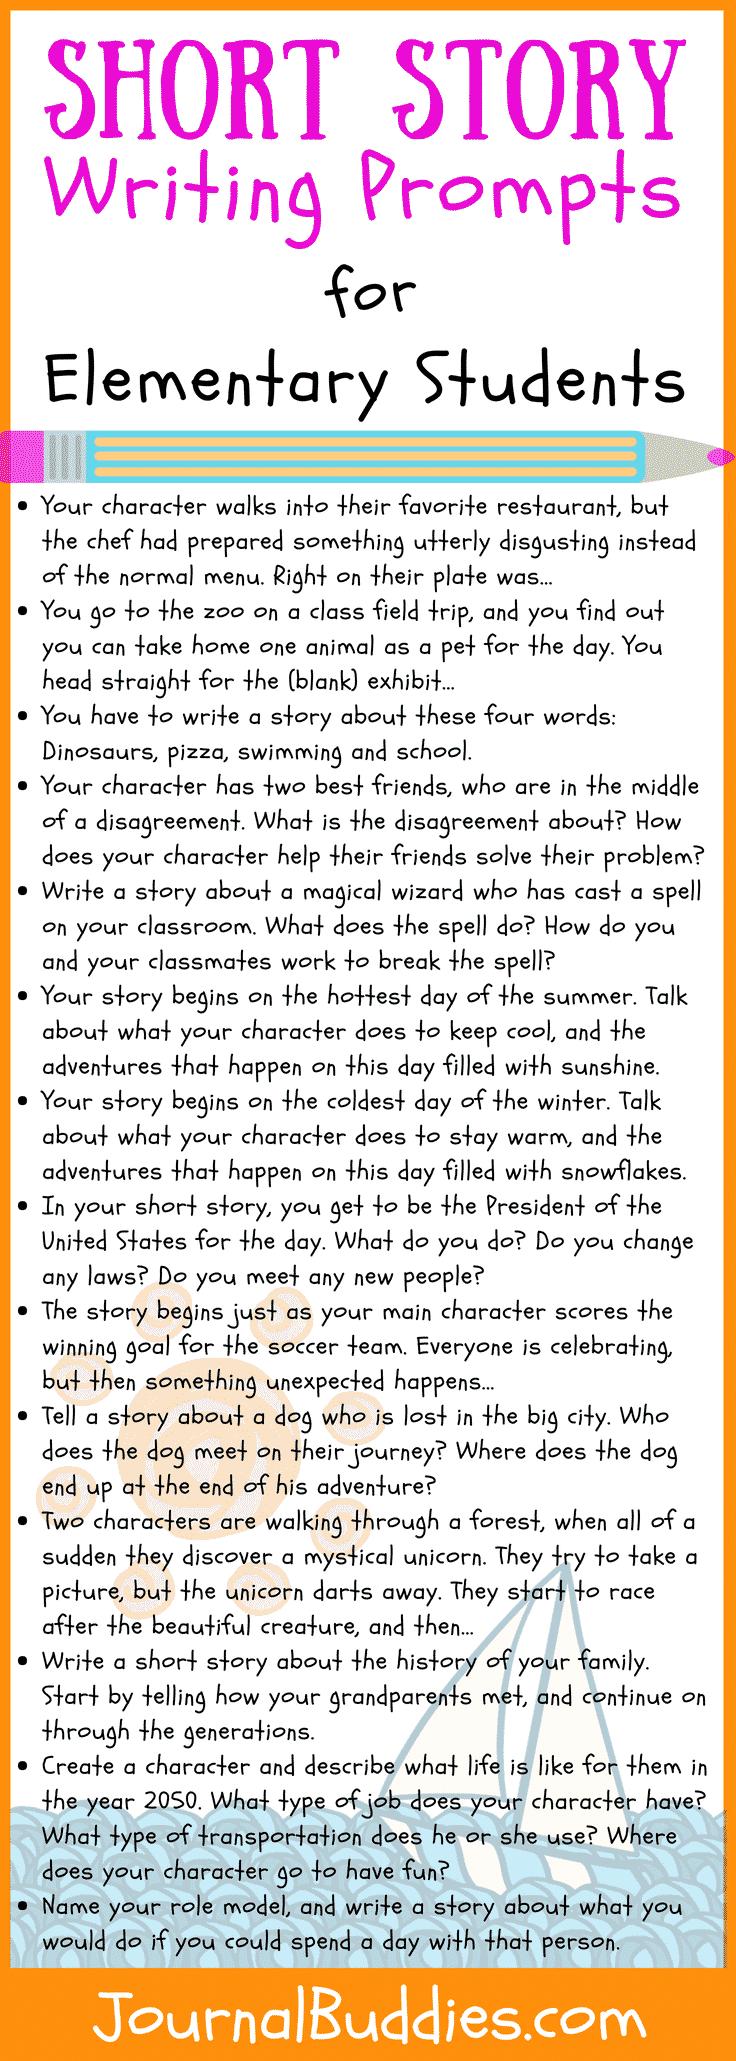 Elementary Short Story Ideas for Kids